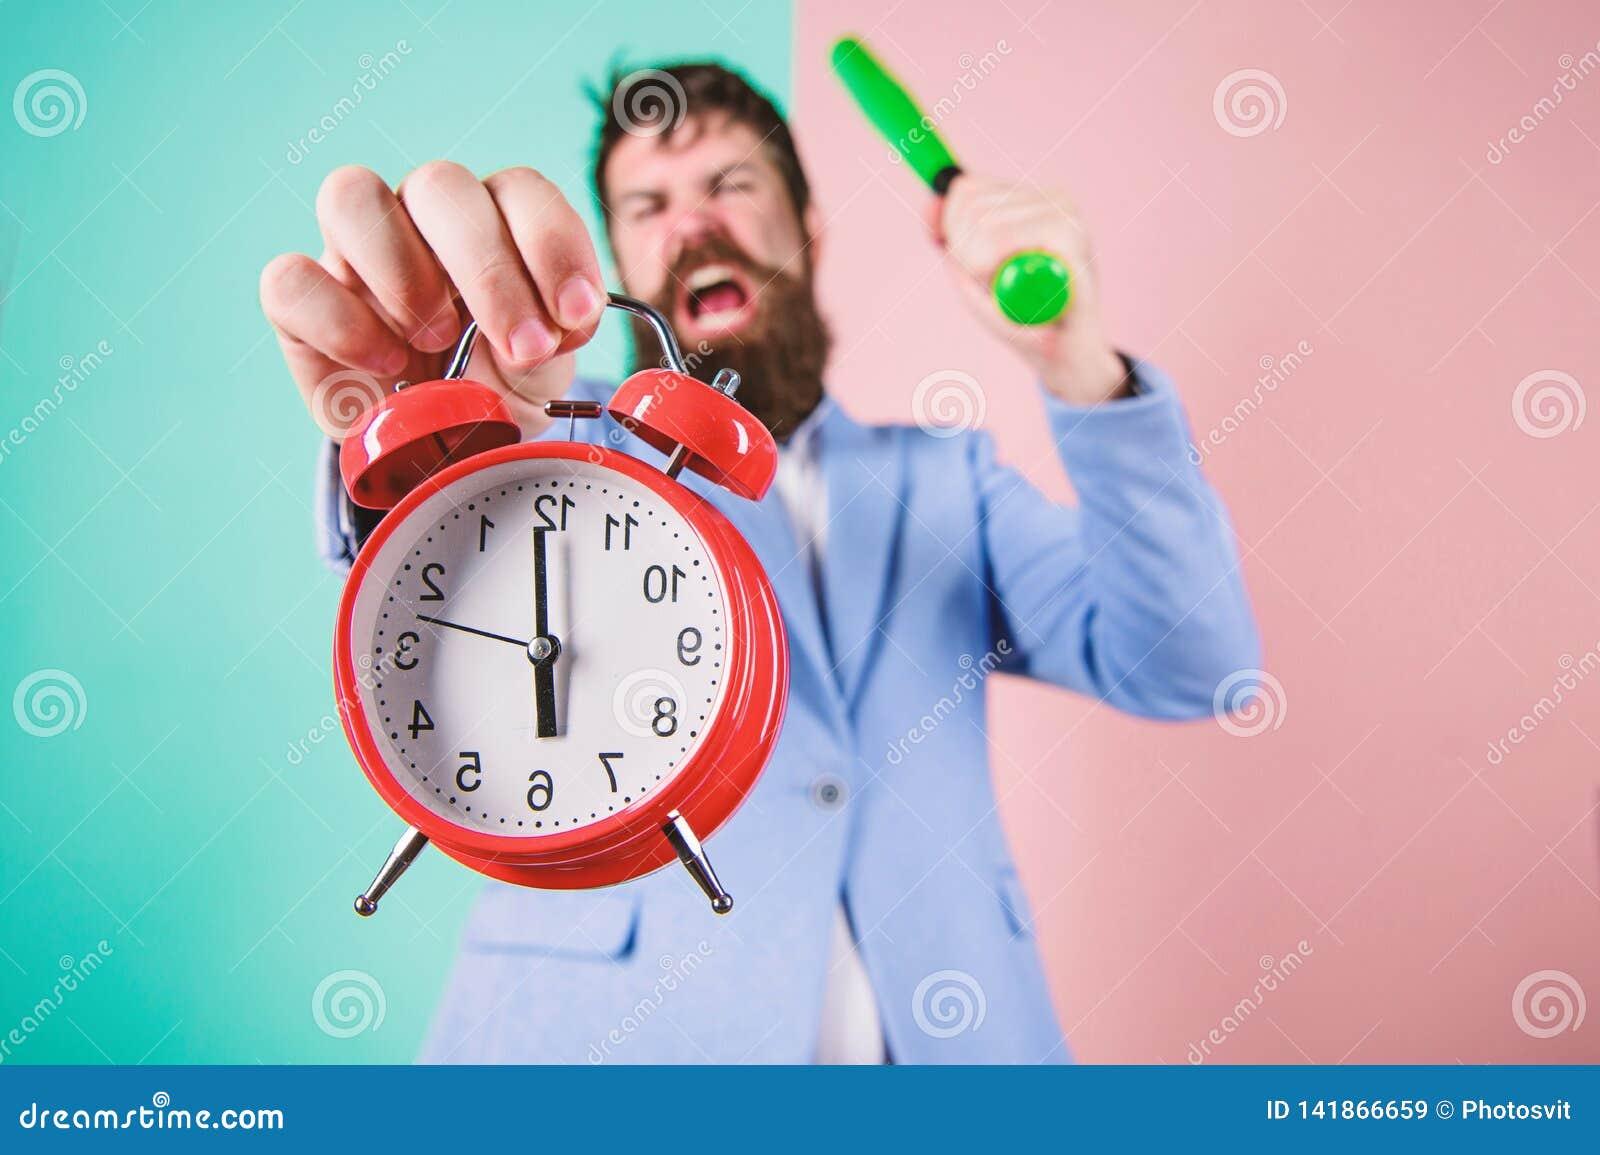 Χρονικές διαχείριση και πειθαρχία Πειθαρχία και κυρώσεις Κύριο επιθετικό ξυπνητήρι λαβής προσώπου Καταστρέψτε ή κλείστε